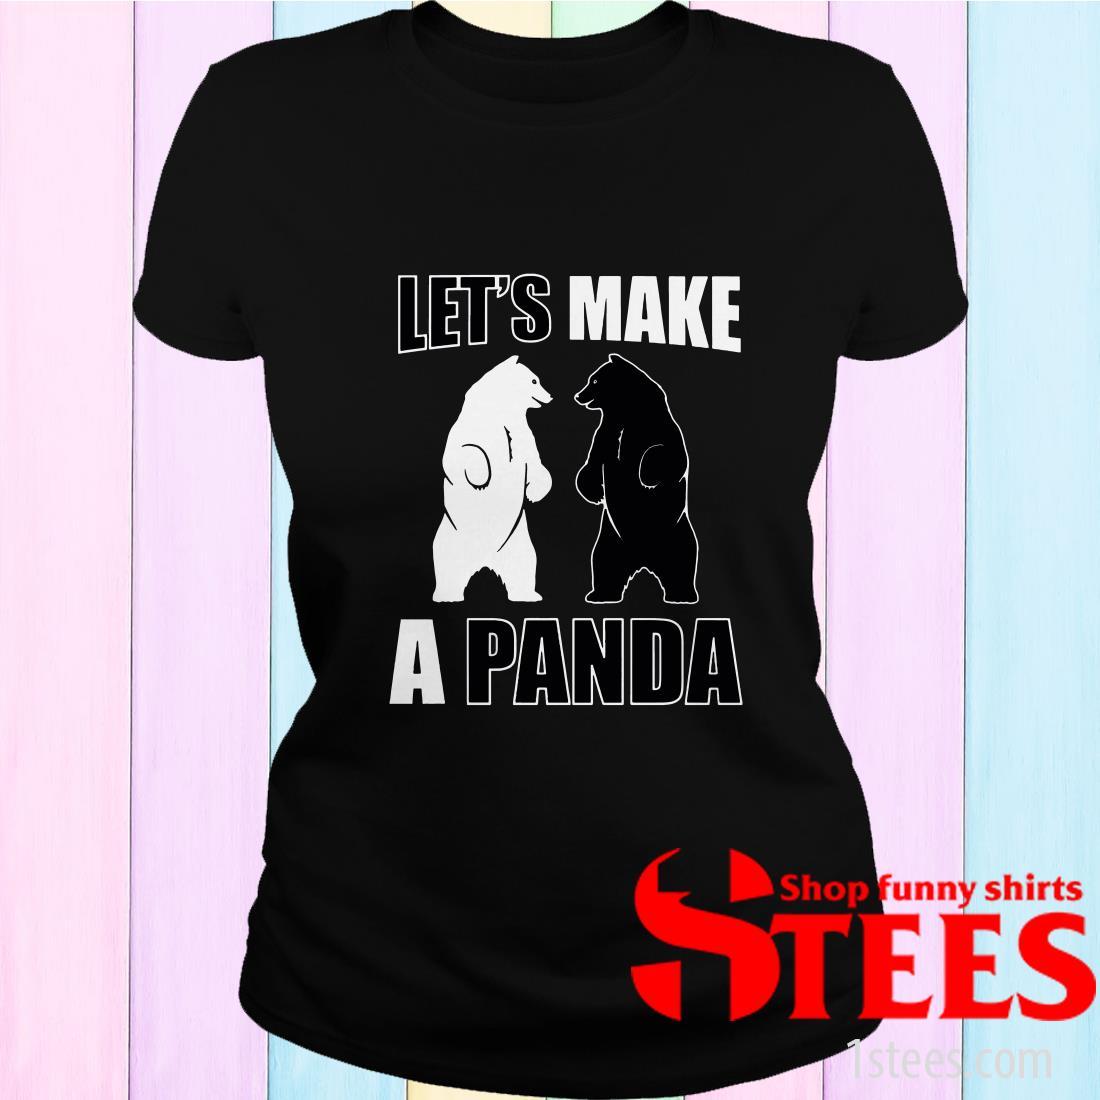 Let's Make A Panda Women's T-Shirt